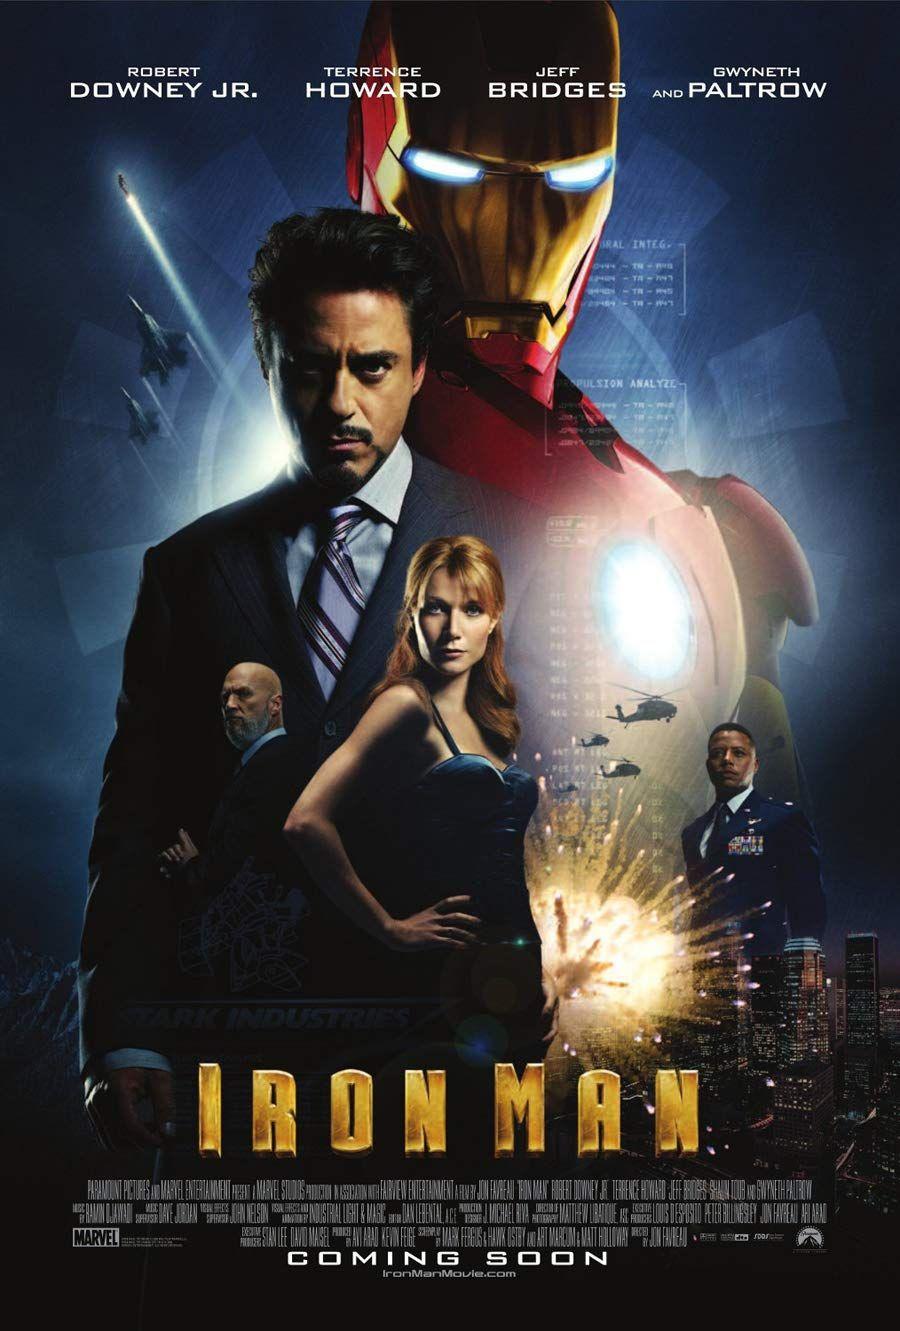 Pin De Carlos En Pelis Afiche De Pelicula Peliculas De Iron Man Carteles De Peliculas